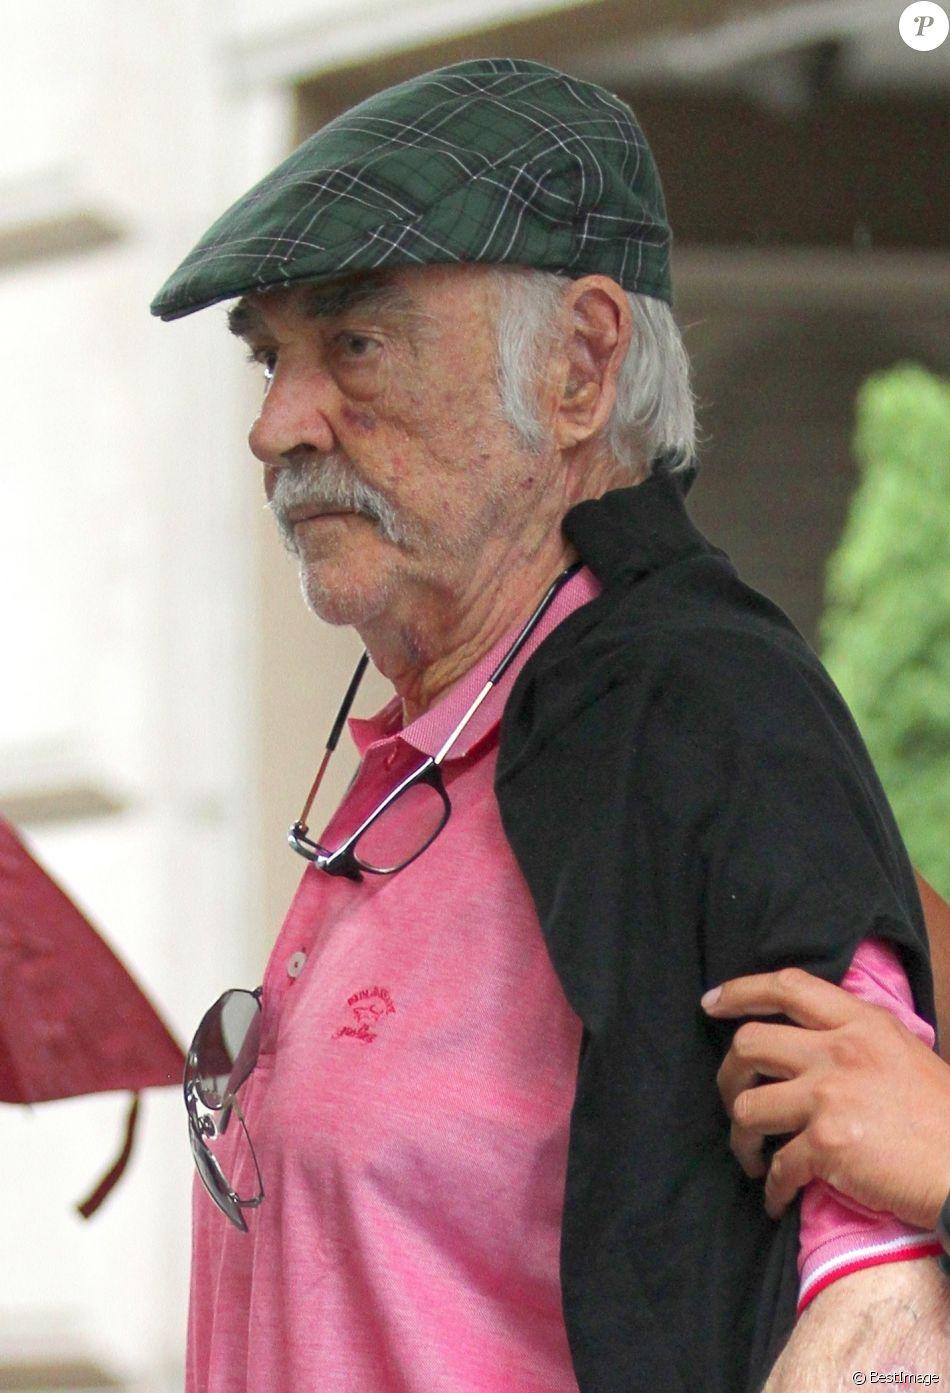 Sean Connery marche avec l'aide d'un assistant à la sortie d'un spa où il a passé 2 heures dans le quartier de Manhattan à New York, le 29 août 2017